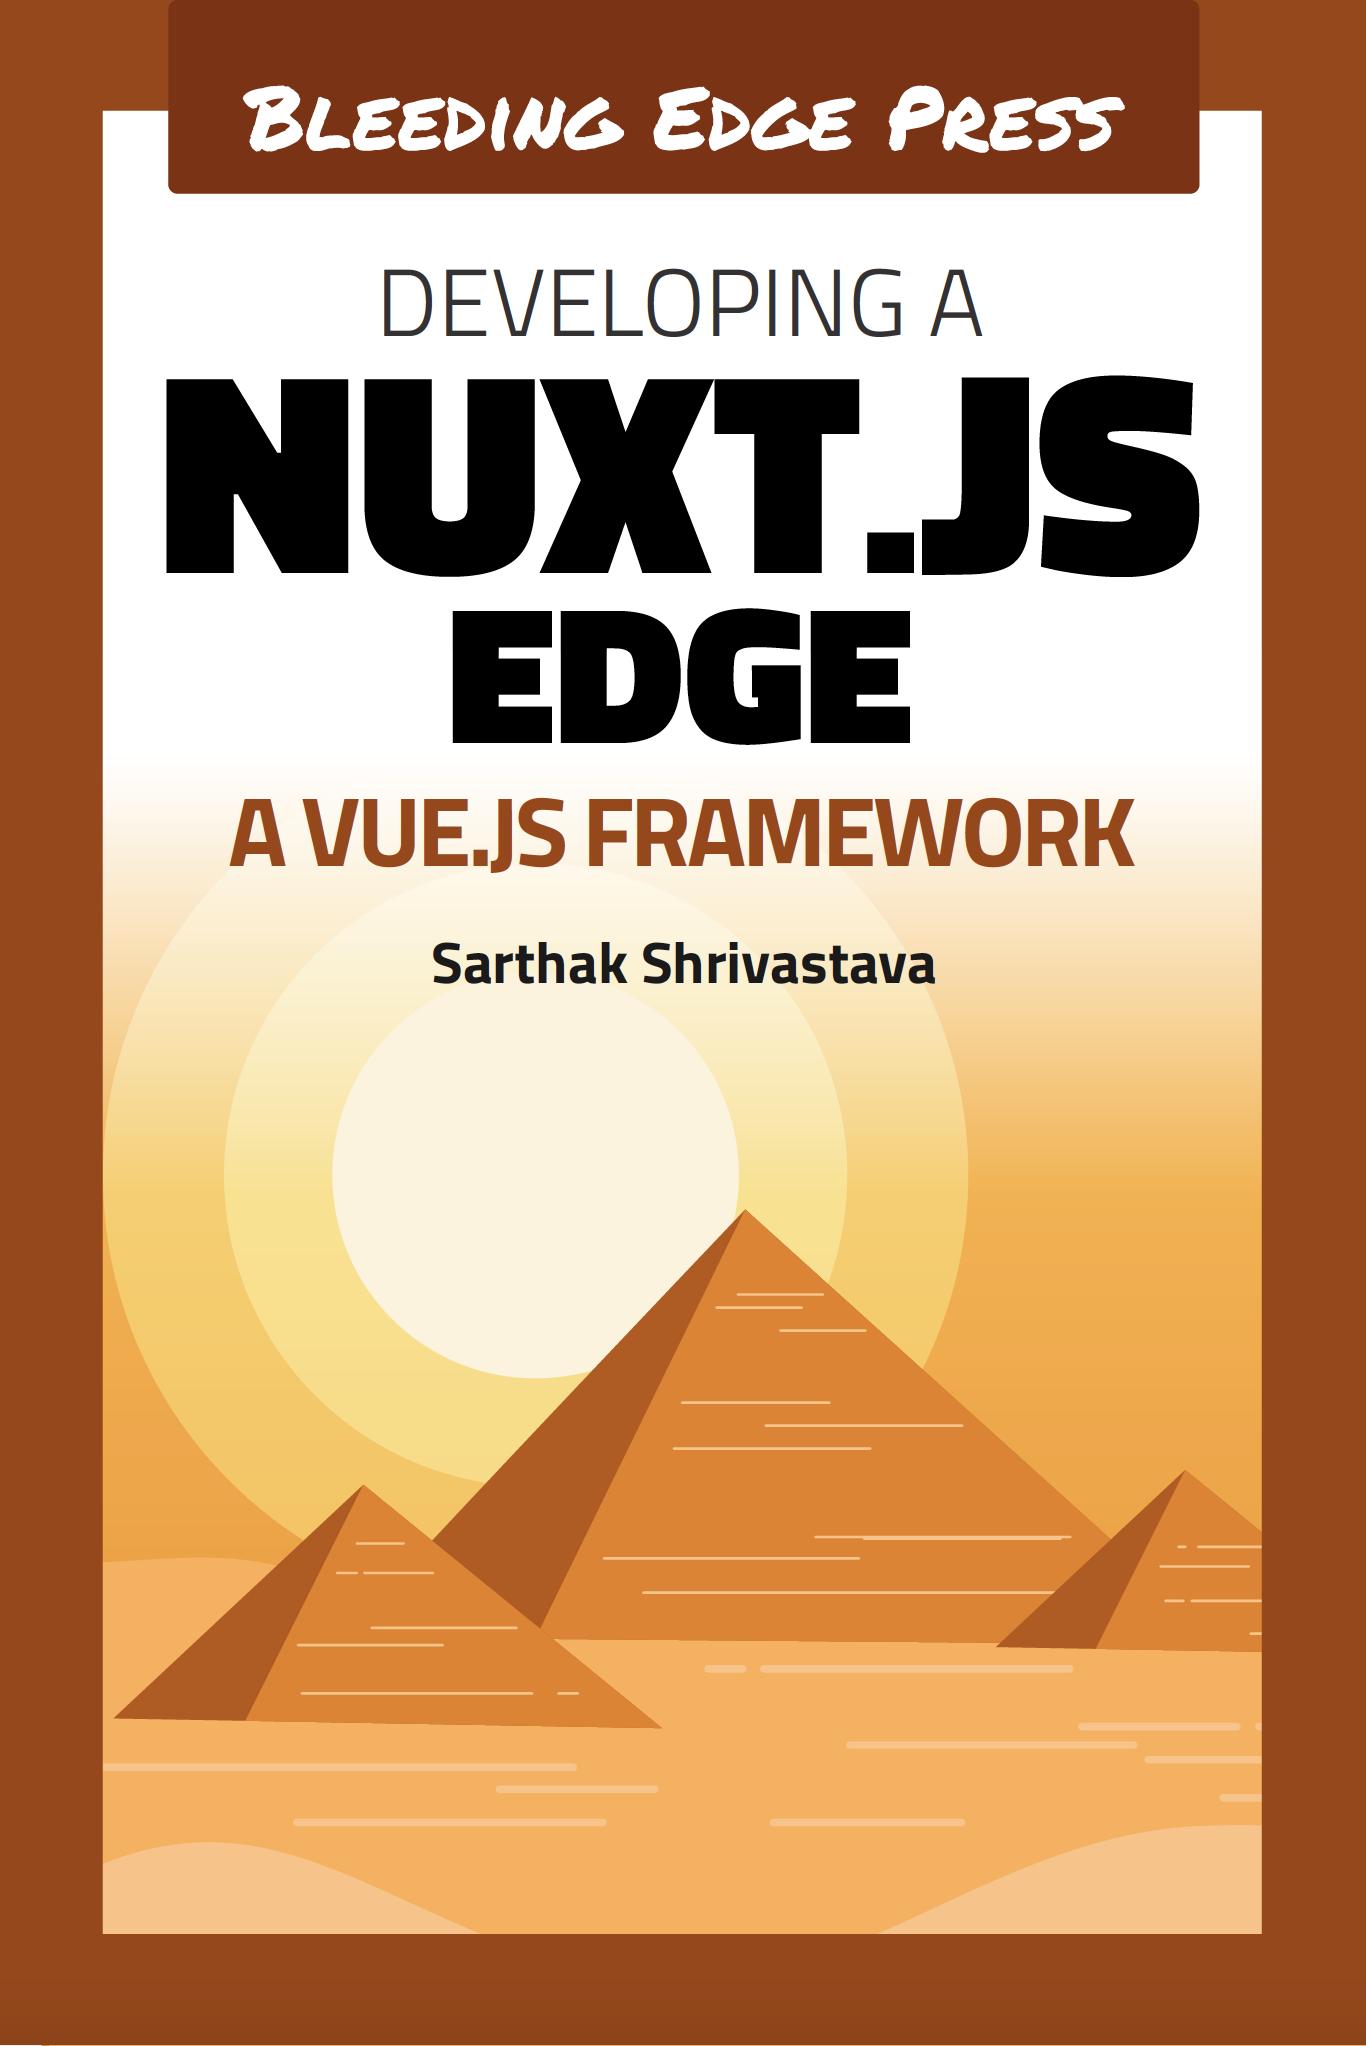 Nuxt.js cover